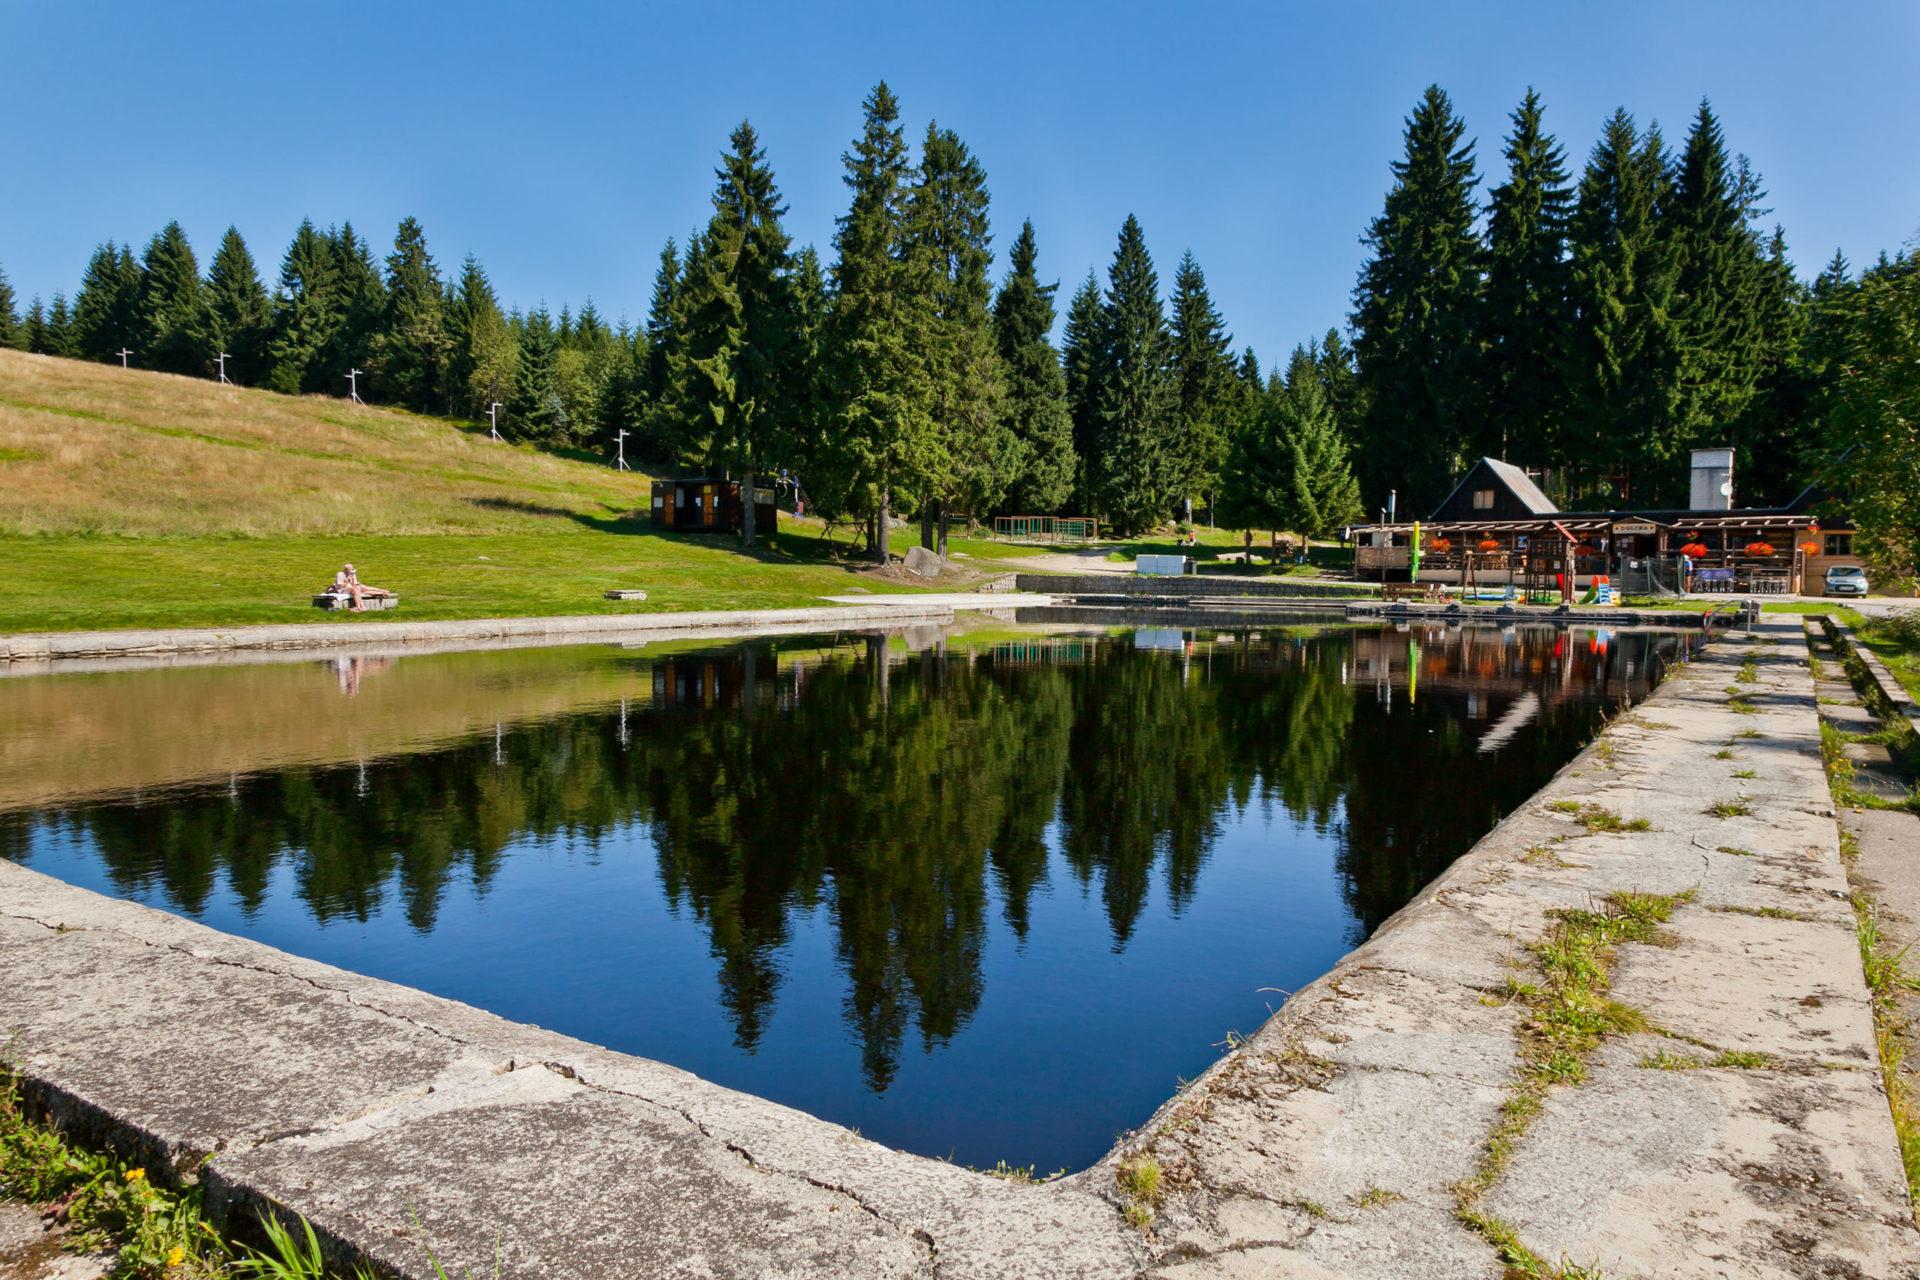 Přírodní koupaliště a restaurace s letní terasou Dolina v Bedřichově - Jizerské hory